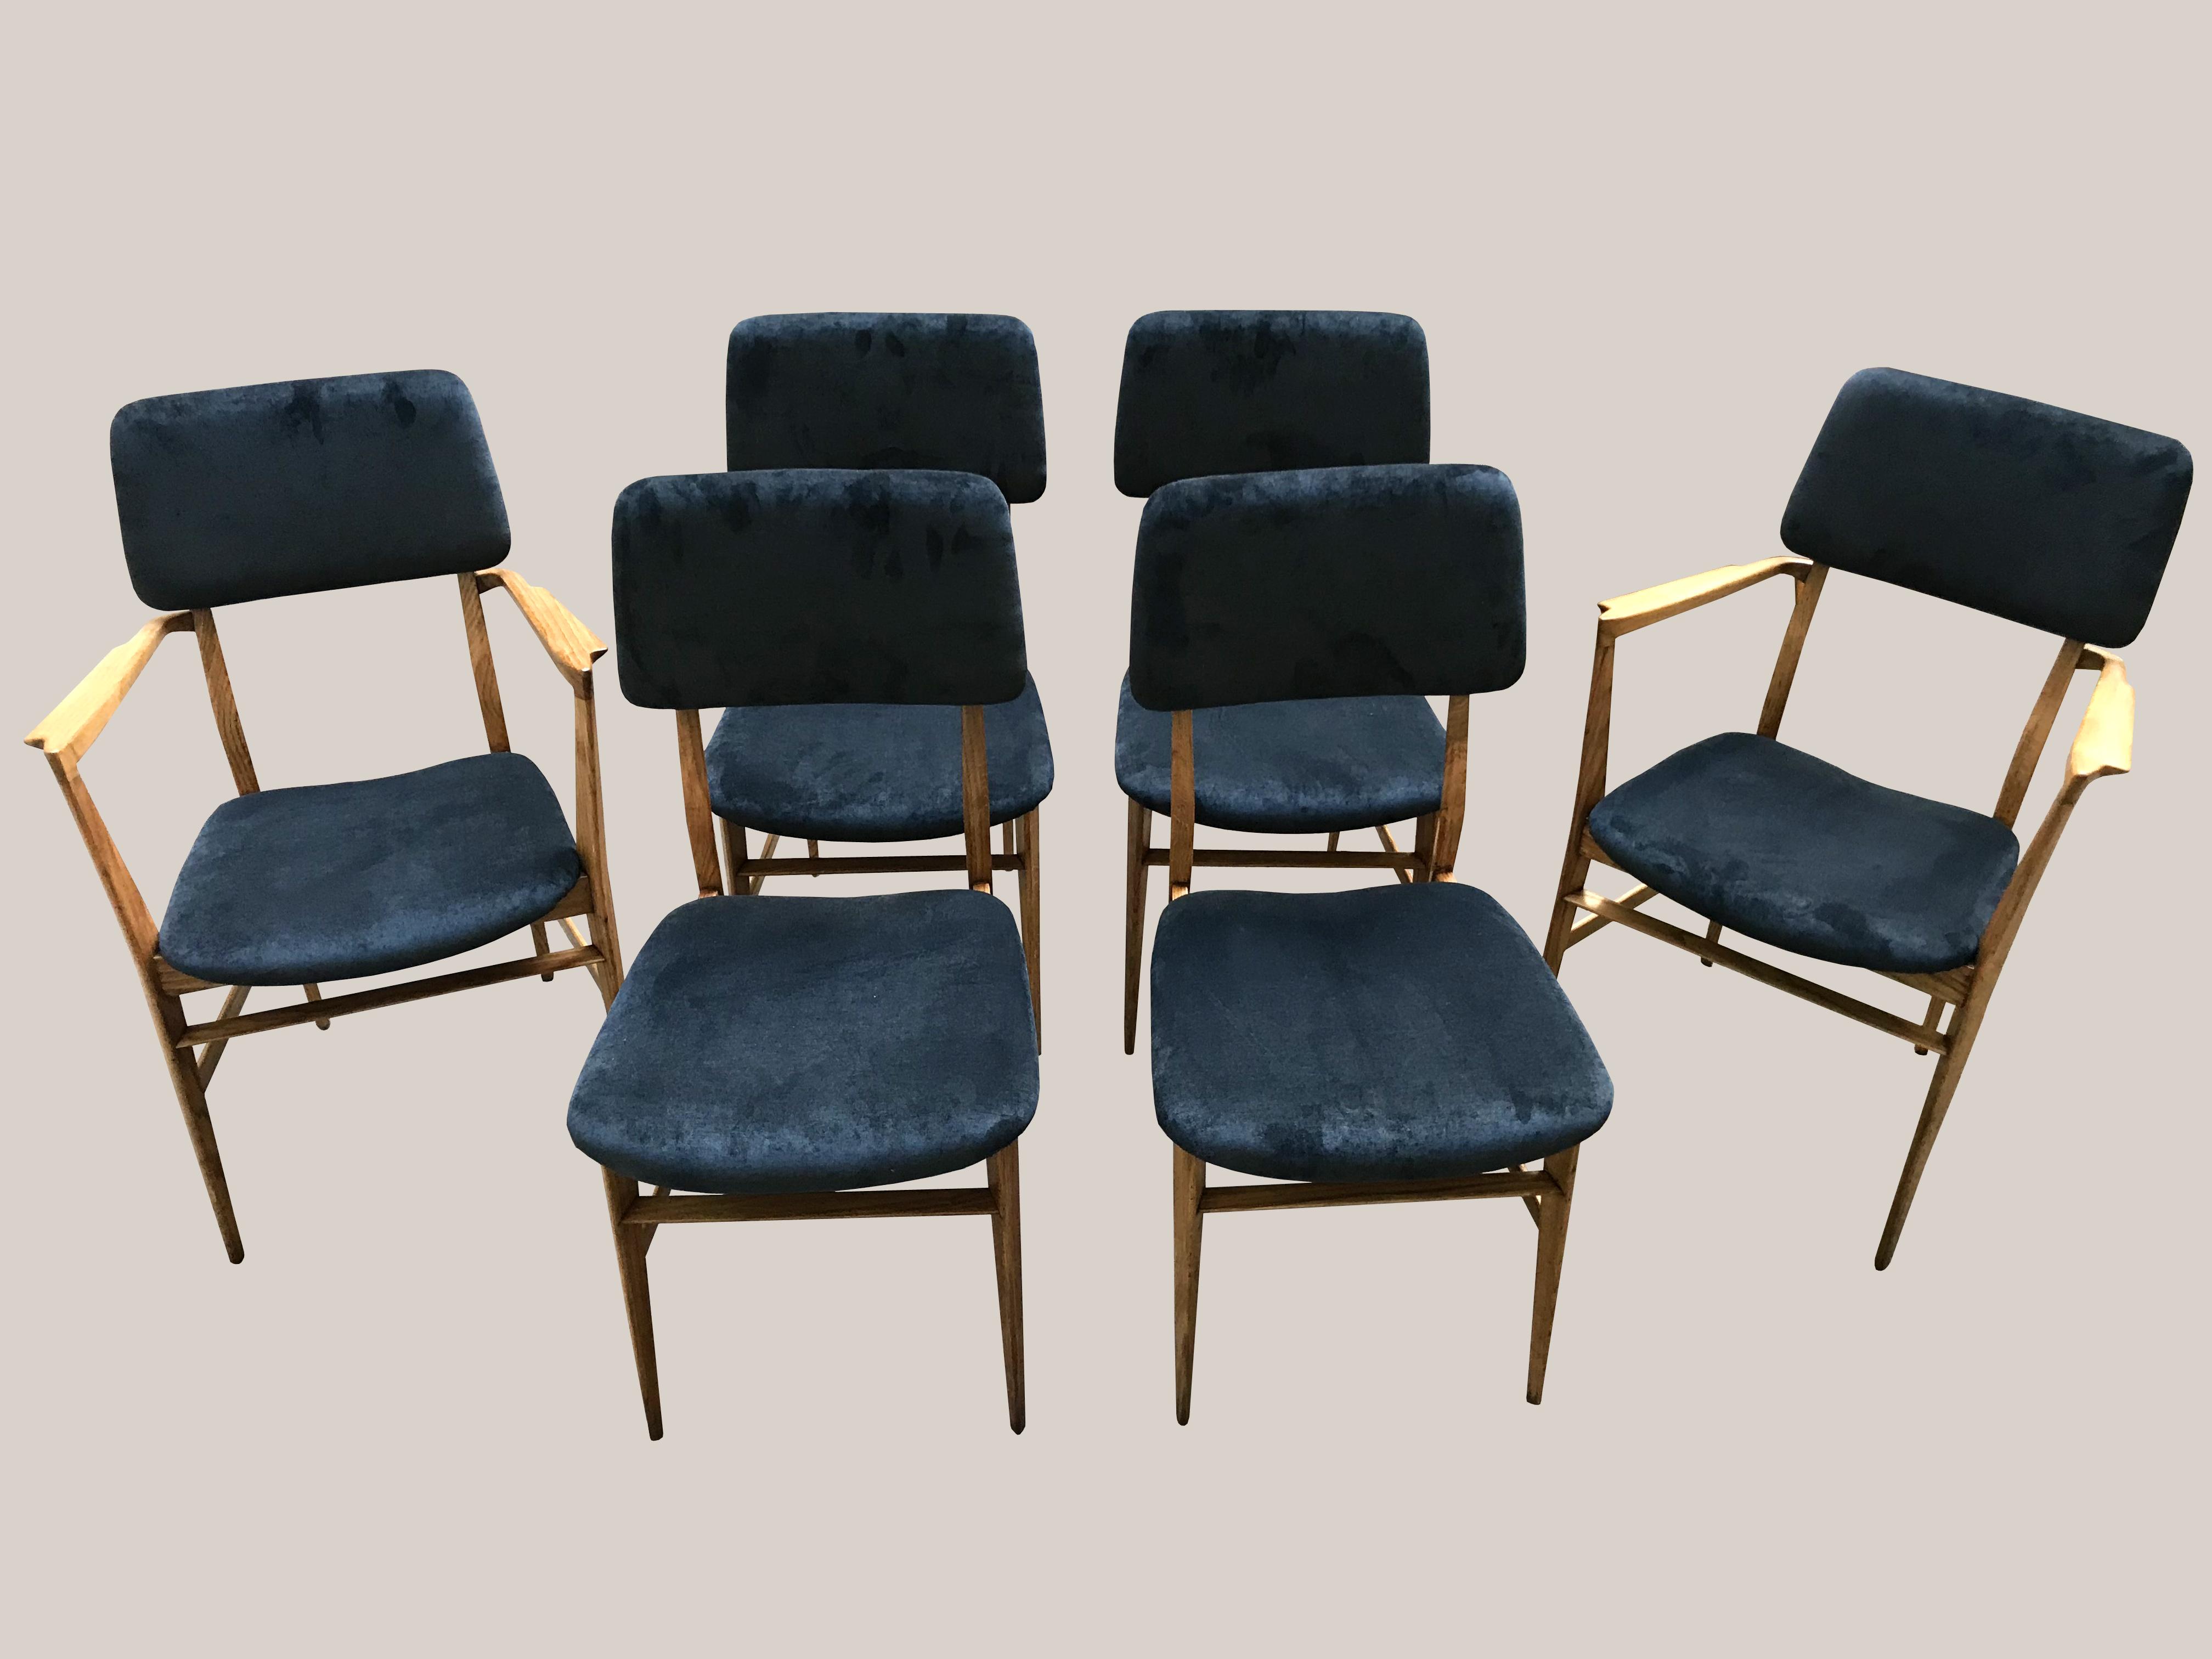 4chaises et 2fauteuils Edmundo palutari ed vittorio dassi